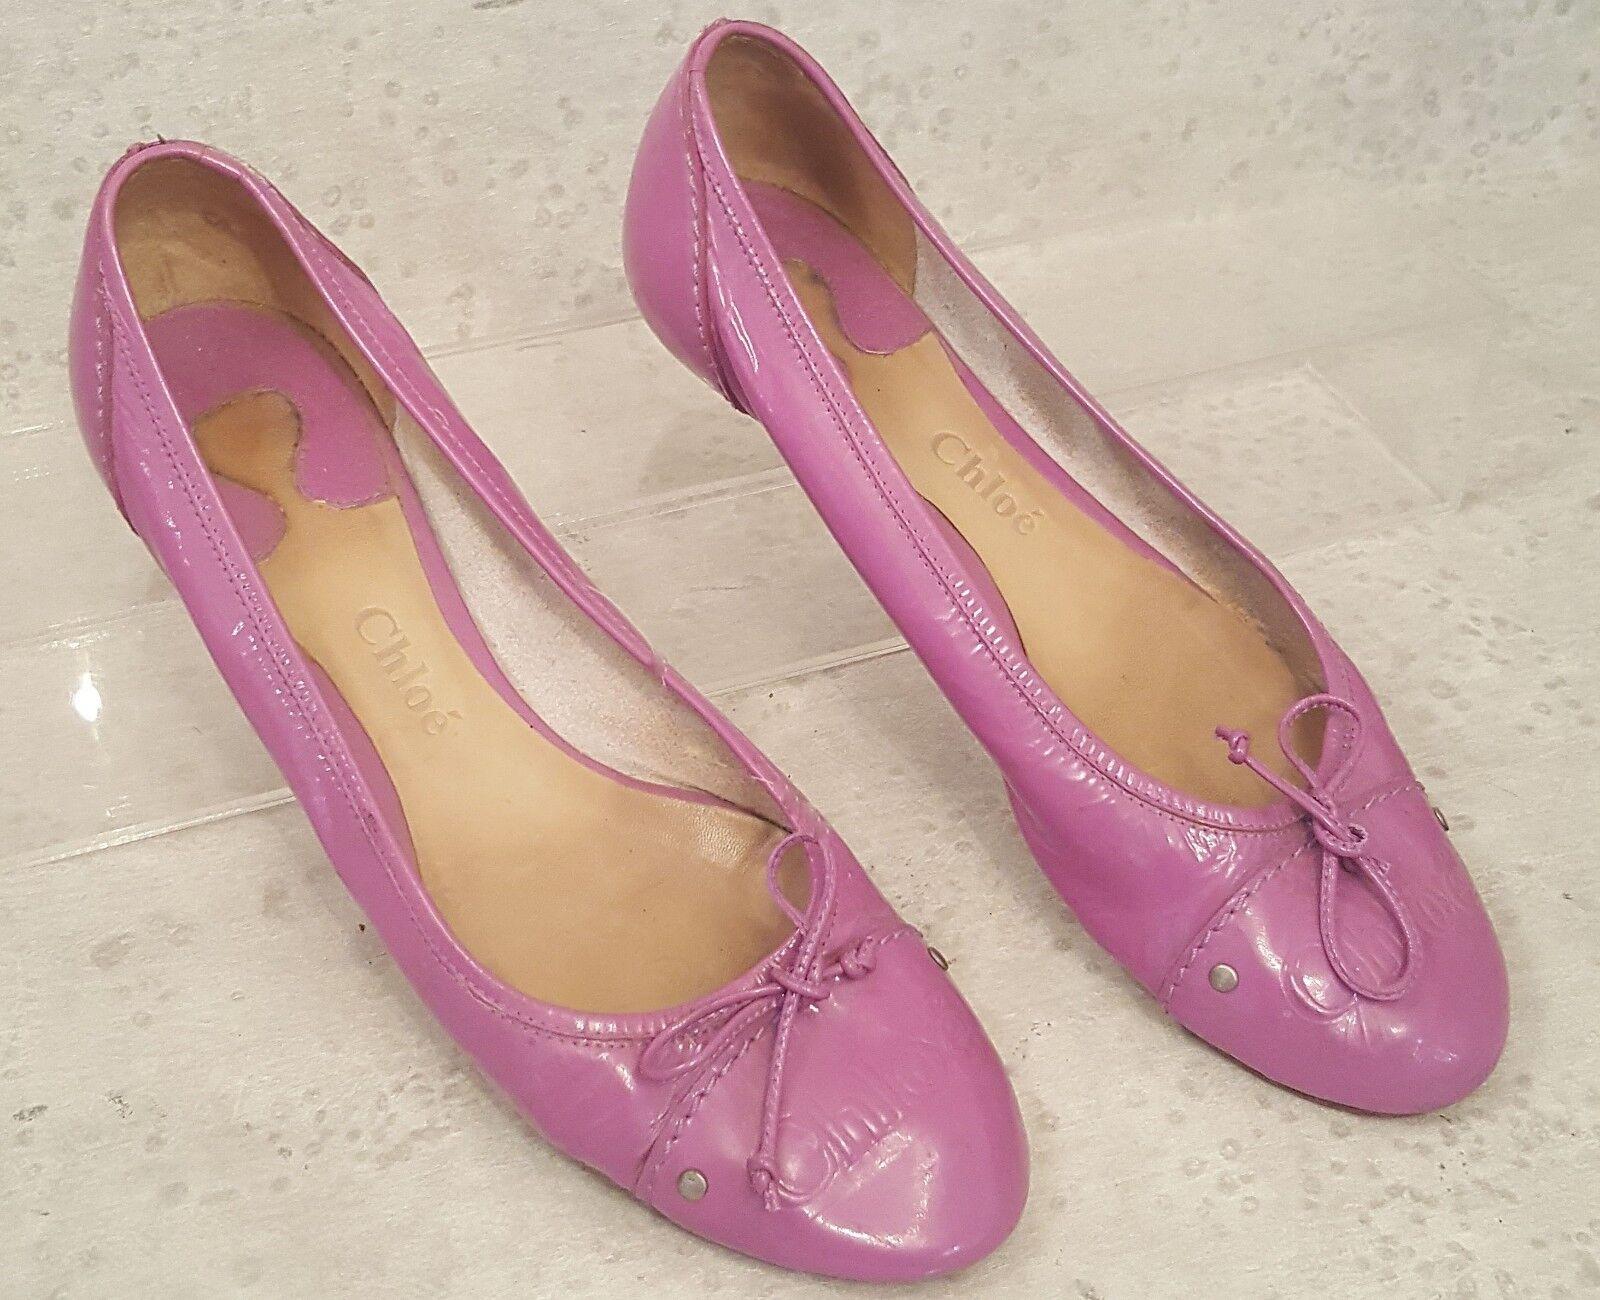 Chloe Ballet Flats Patent leather purple sz 8.5 M